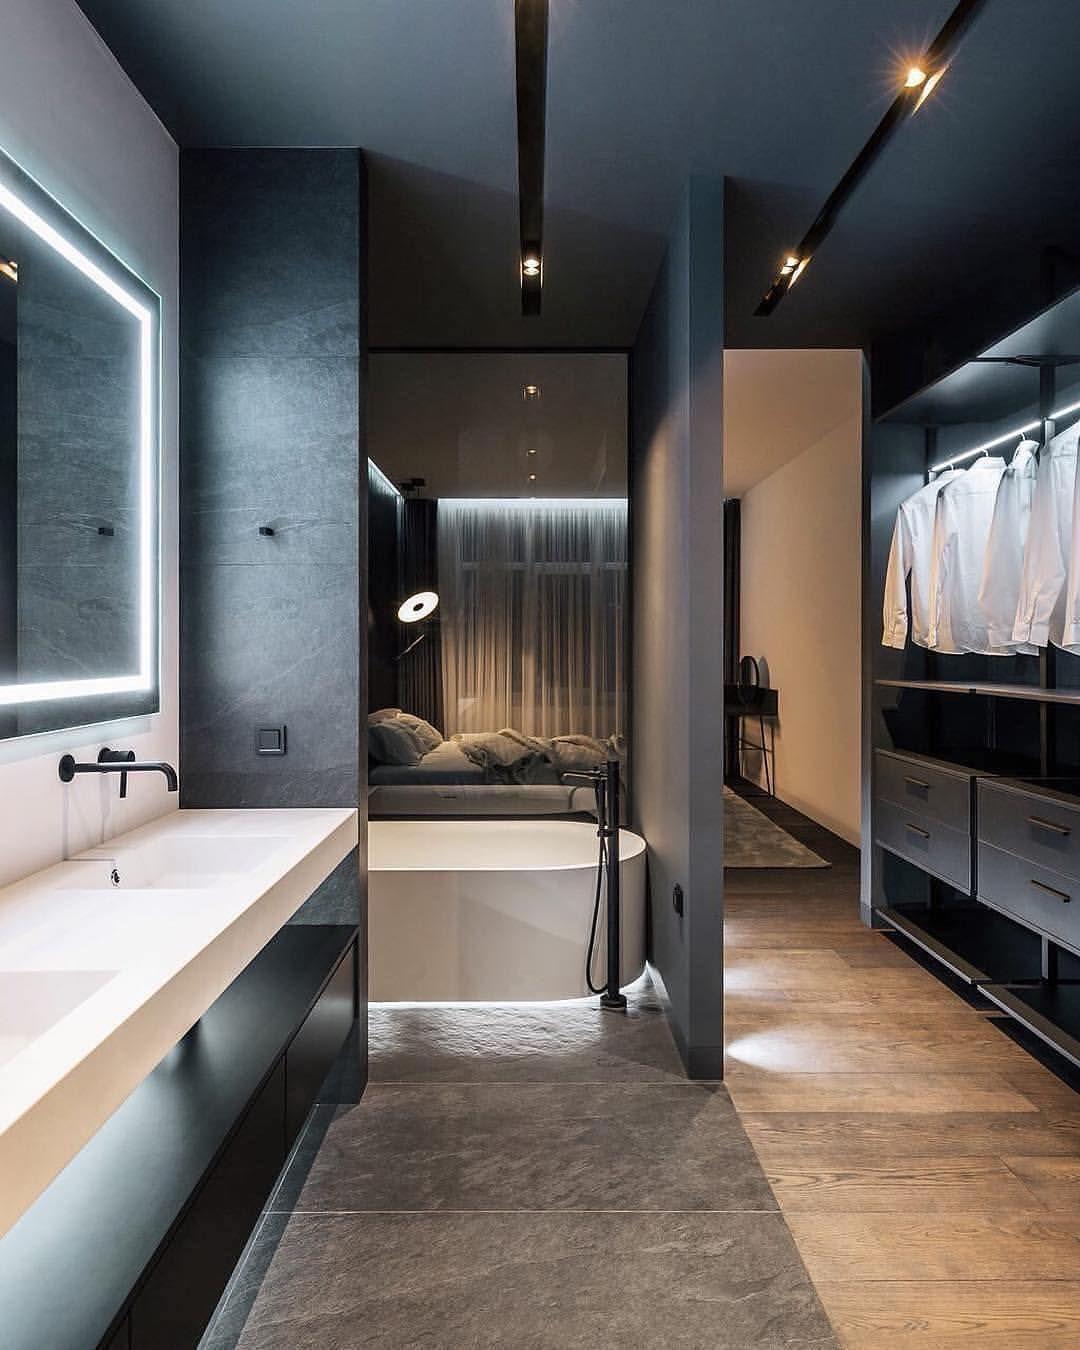 Master Suite By Yodezeen Architects Suite Room Design Interiordesign Avec Images Salle De Bain Ultra Moderne Suite Parentale Dressing Salle De Bain Idee Salle De Bain